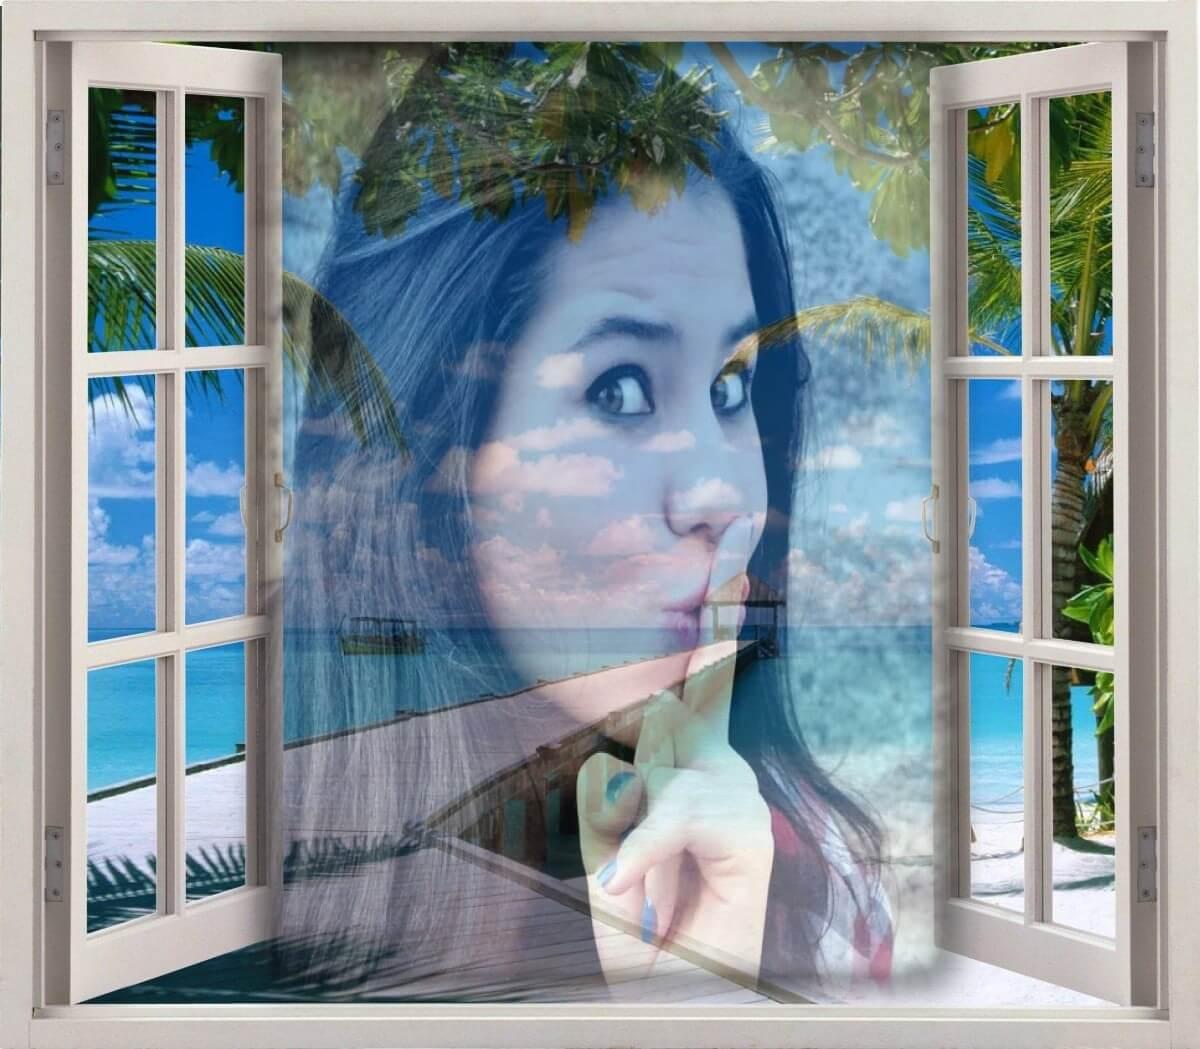 efeito-para-fotos-em-janela-com-praia